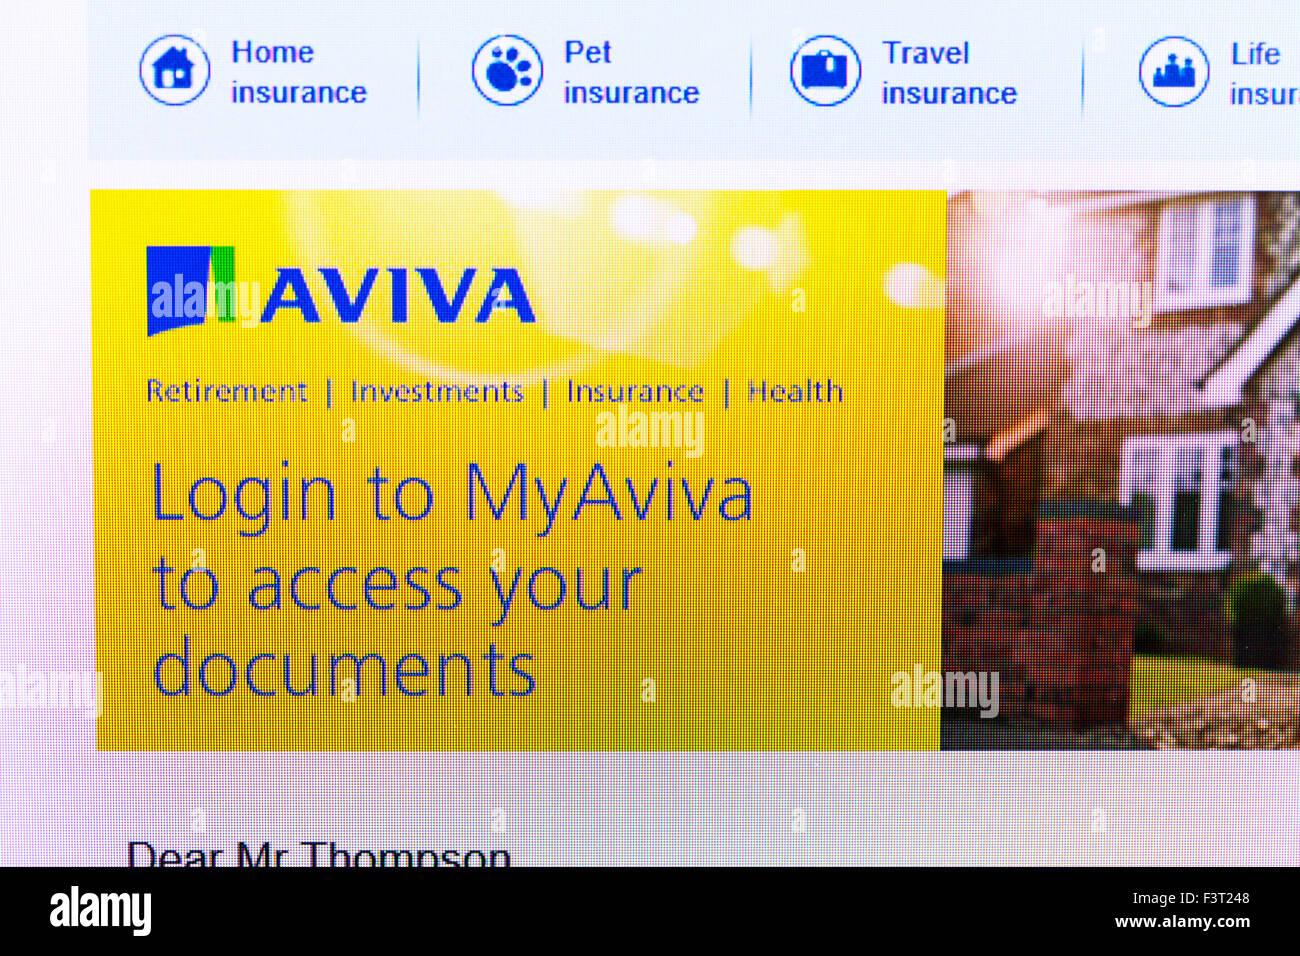 Aviva Insurance página web captura de pantalla en línea sitio web red internet acceso de inicio de sesión Imagen De Stock